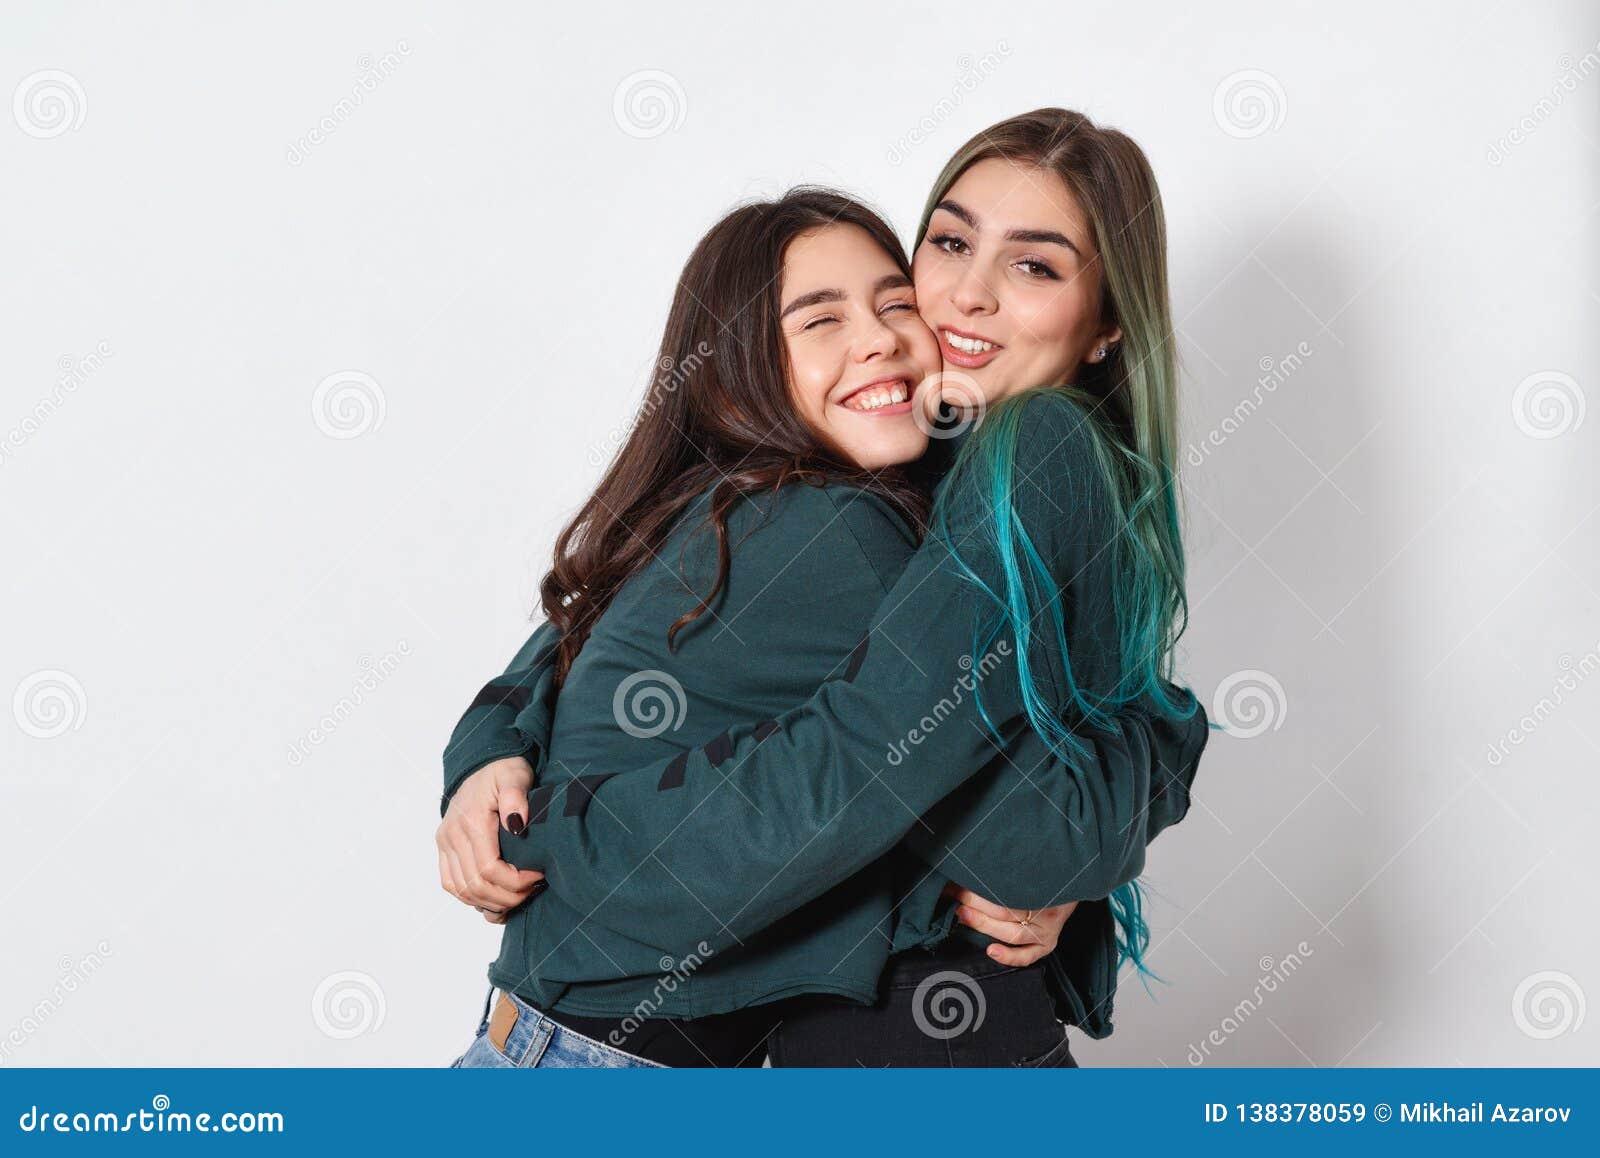 Dwa kobiety dziewczyny przyjaciół śmieszny szczęśliwy uścisk na białym tle kobiety przyjaźń, siostry, młodość